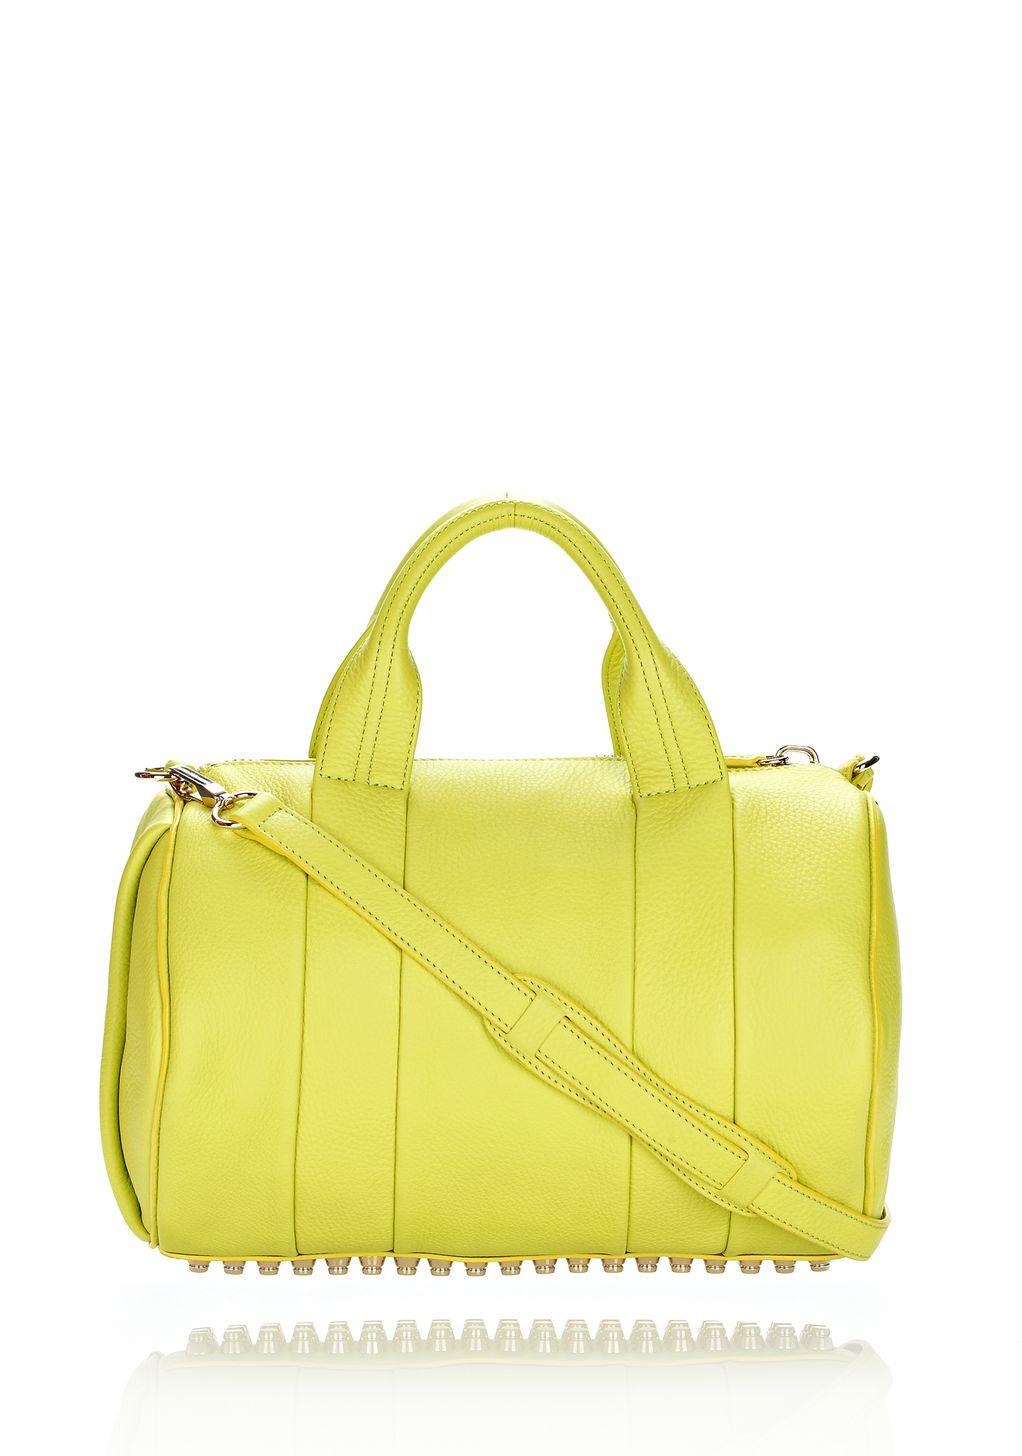 Сумка alexander wang : Мужские сумки : Женские кожаные сумки